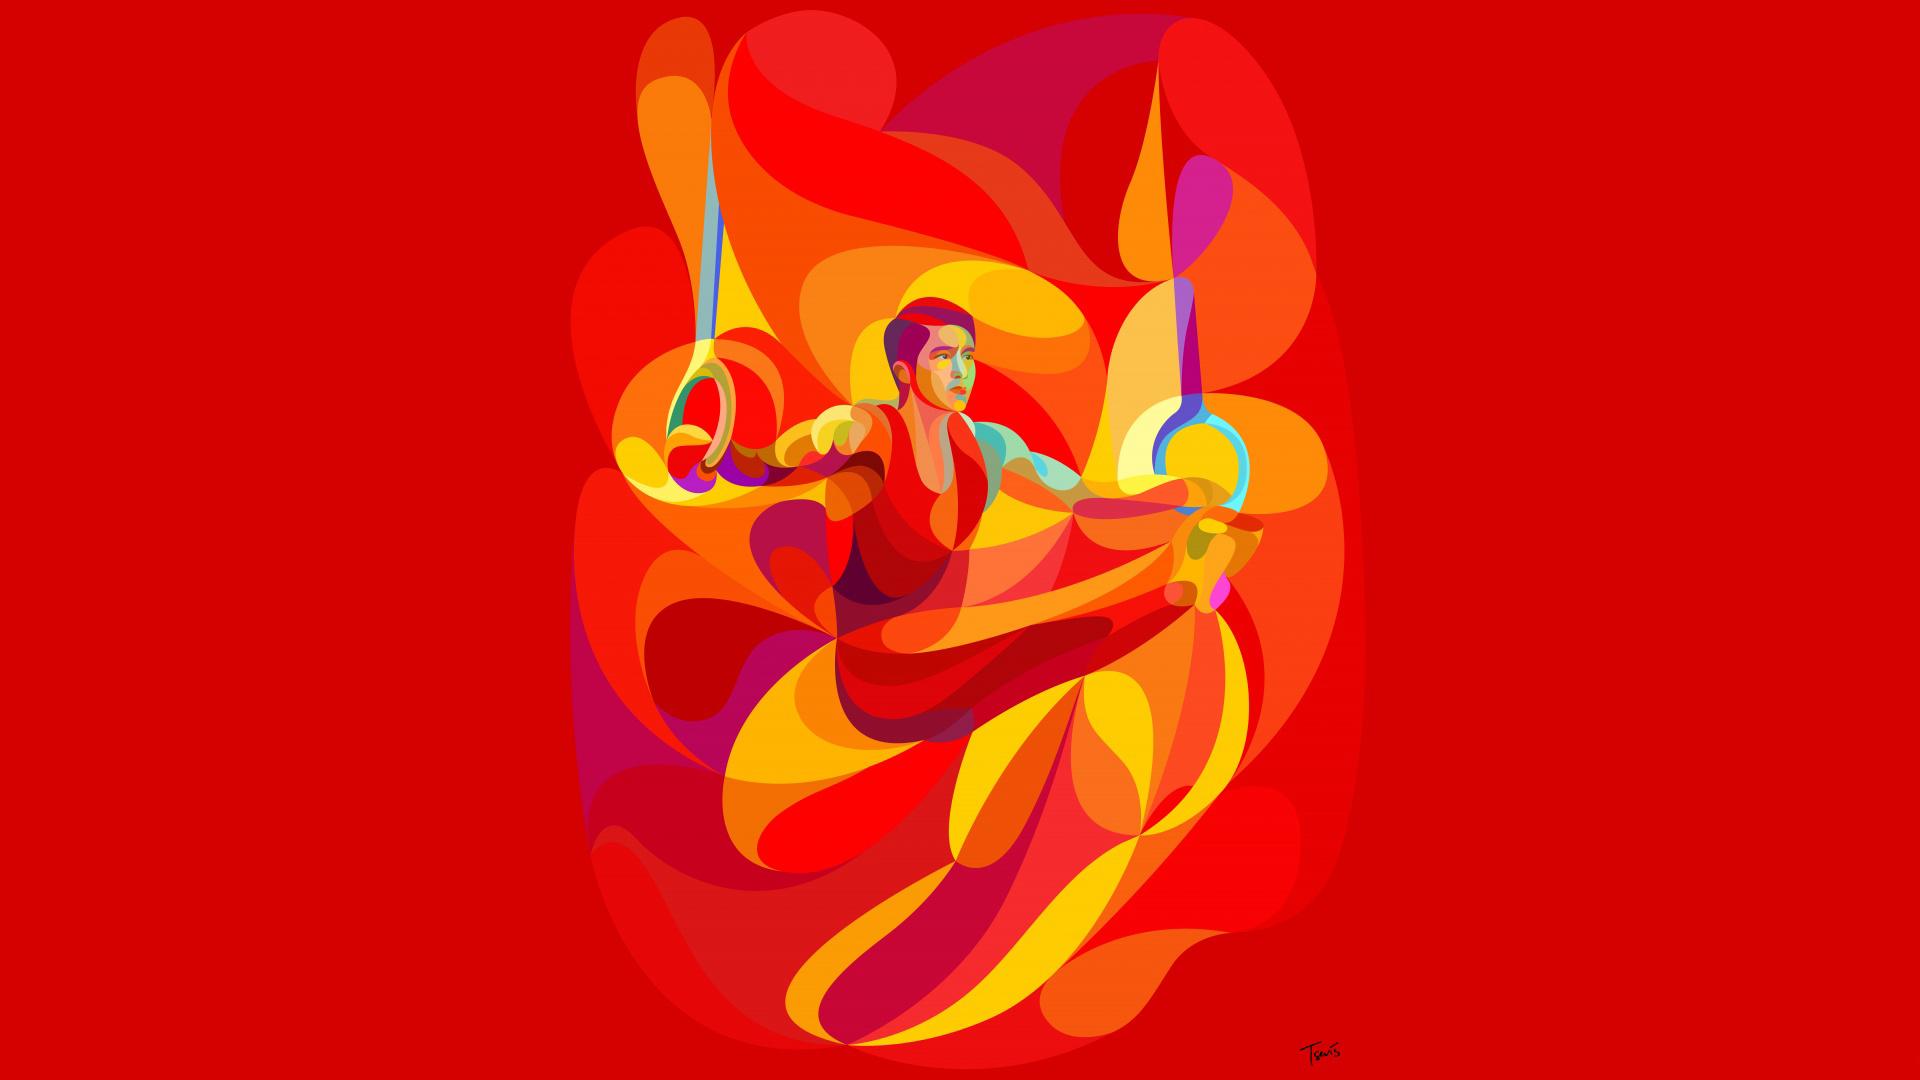 里约奥运会宣传海报ppt背景图片下载_幻灯片模板免费